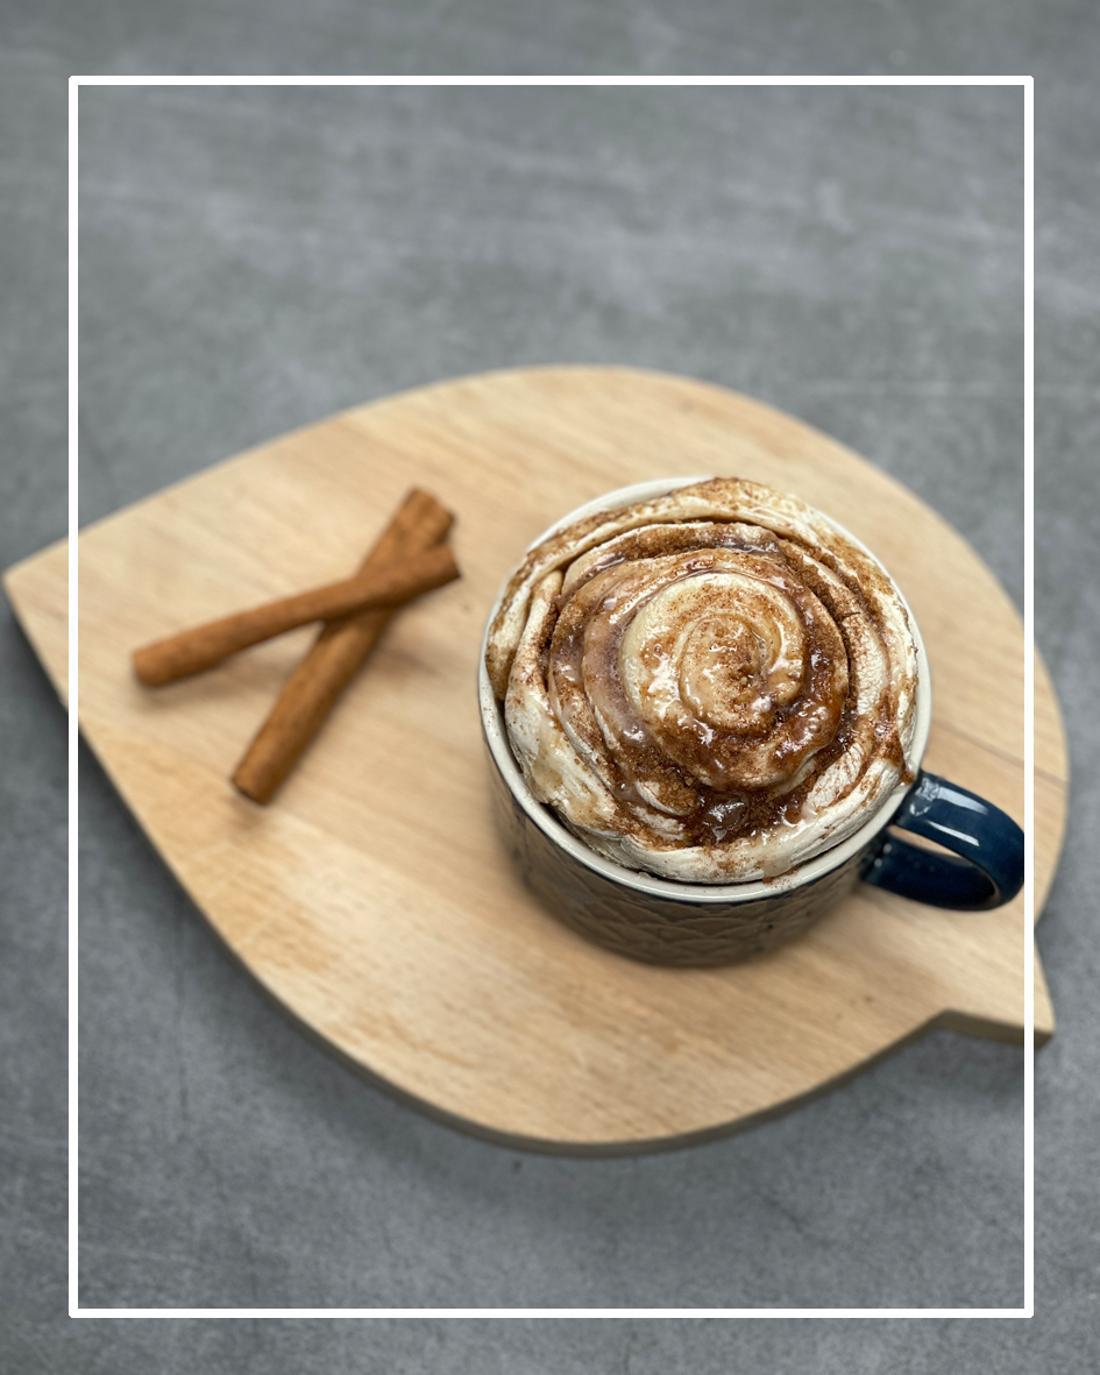 Eine Tasse, die auf einem Holzbrett steht und in der eine Zimtschnecke liegt.